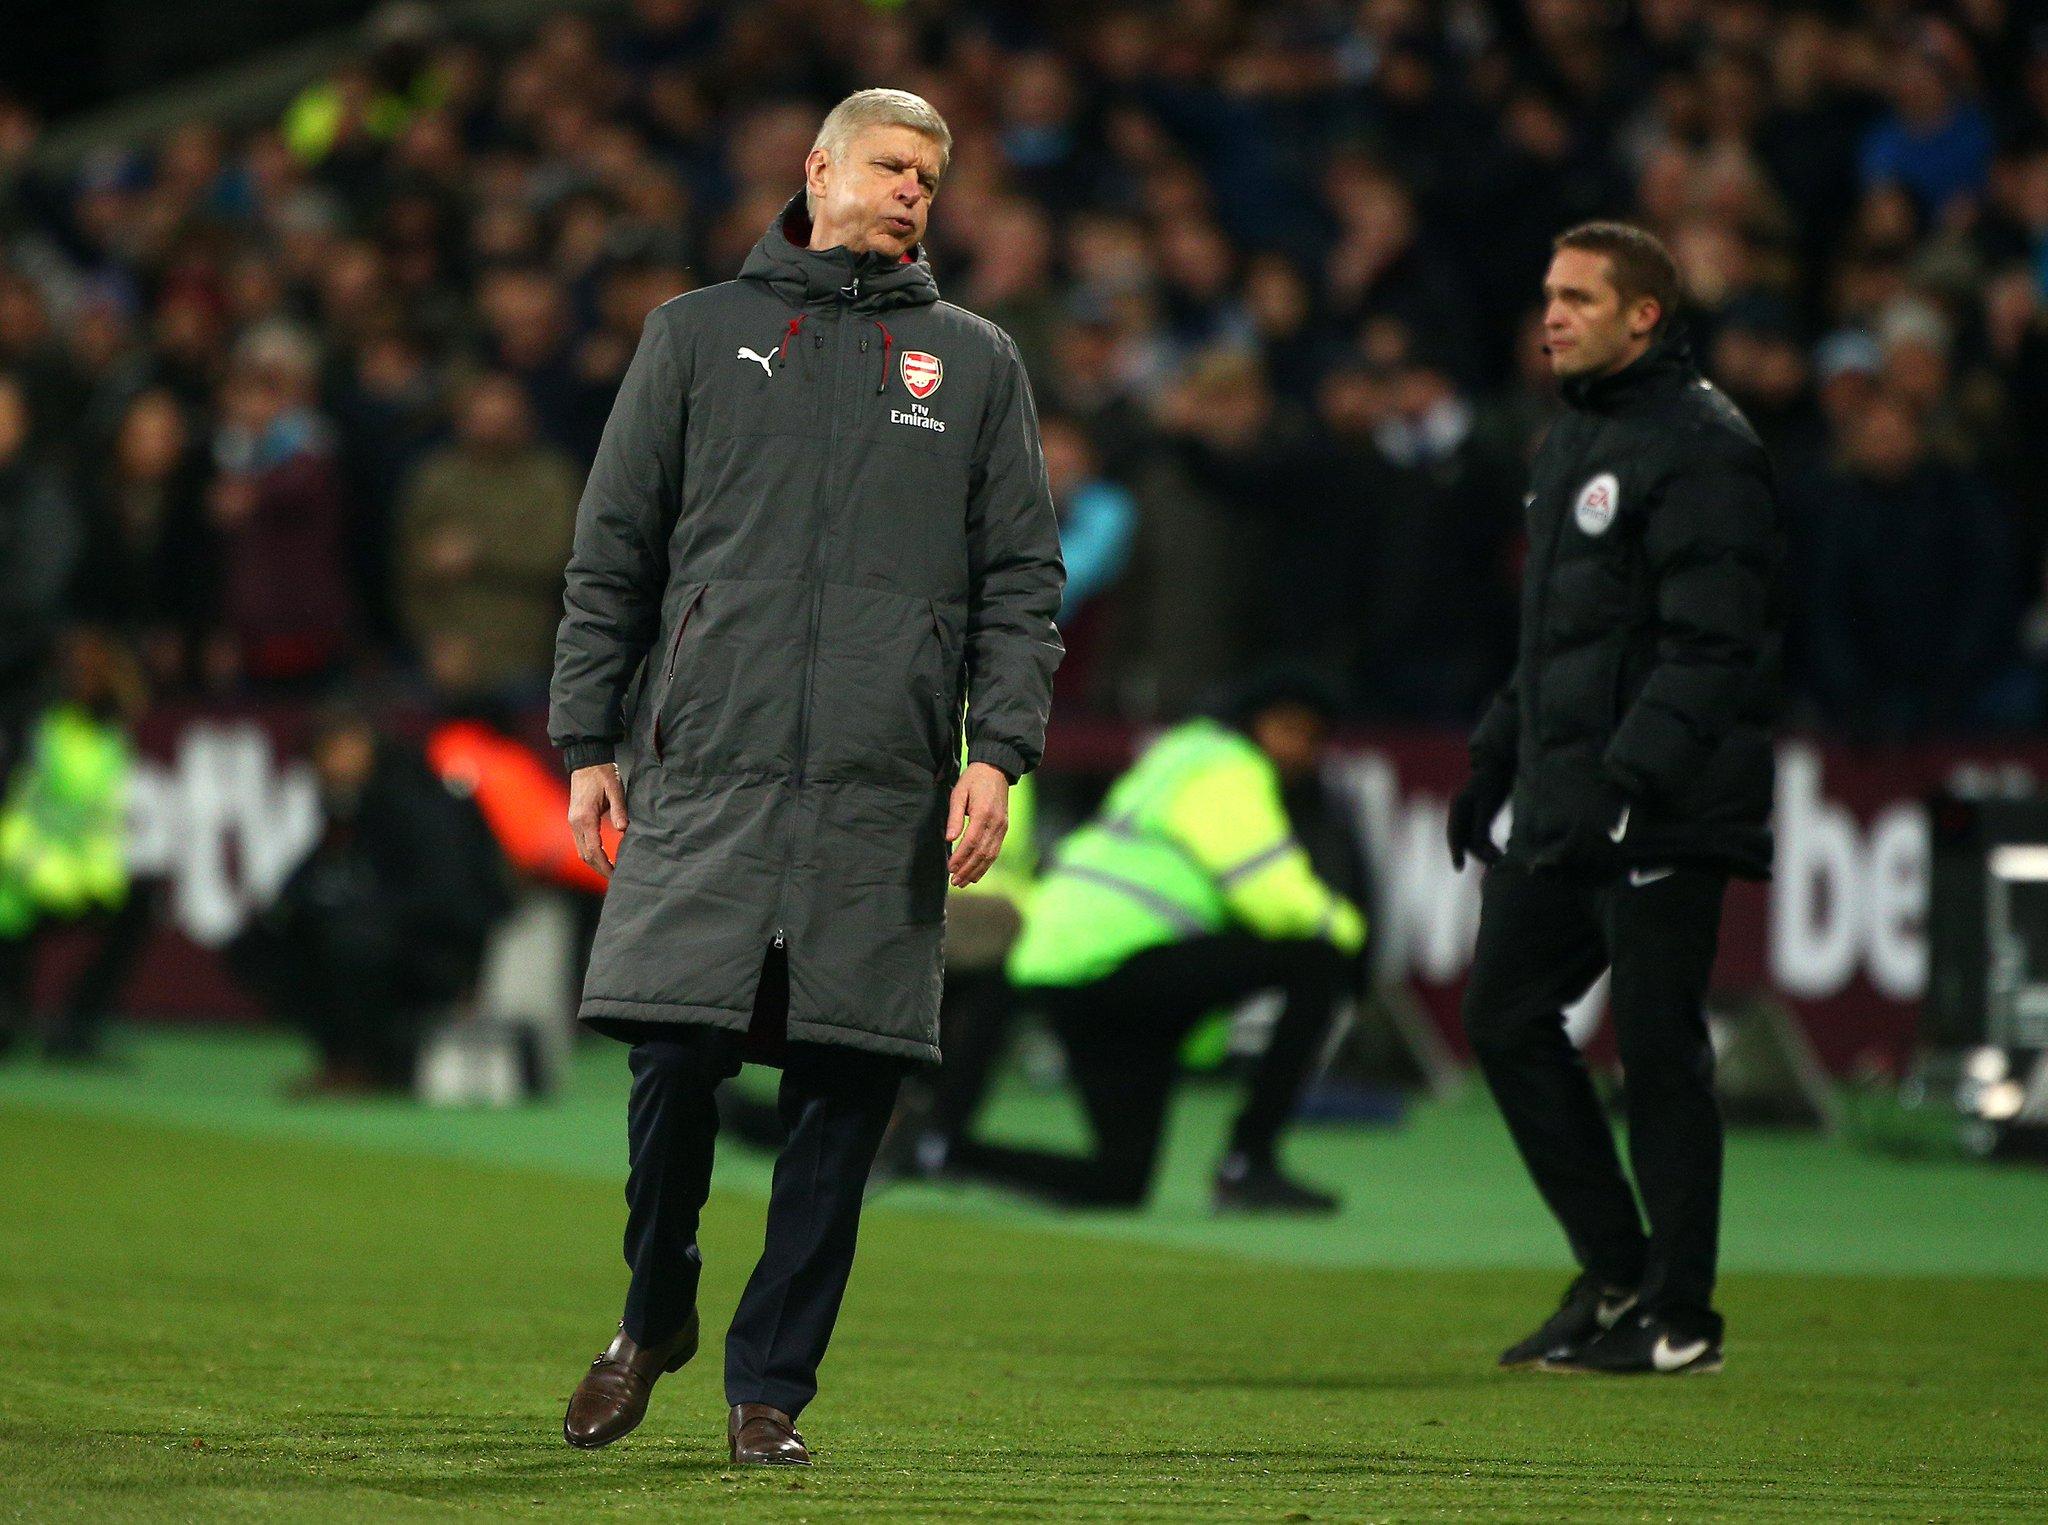 El Arsenal vuelve a tropezar fuera de casa (0-0)